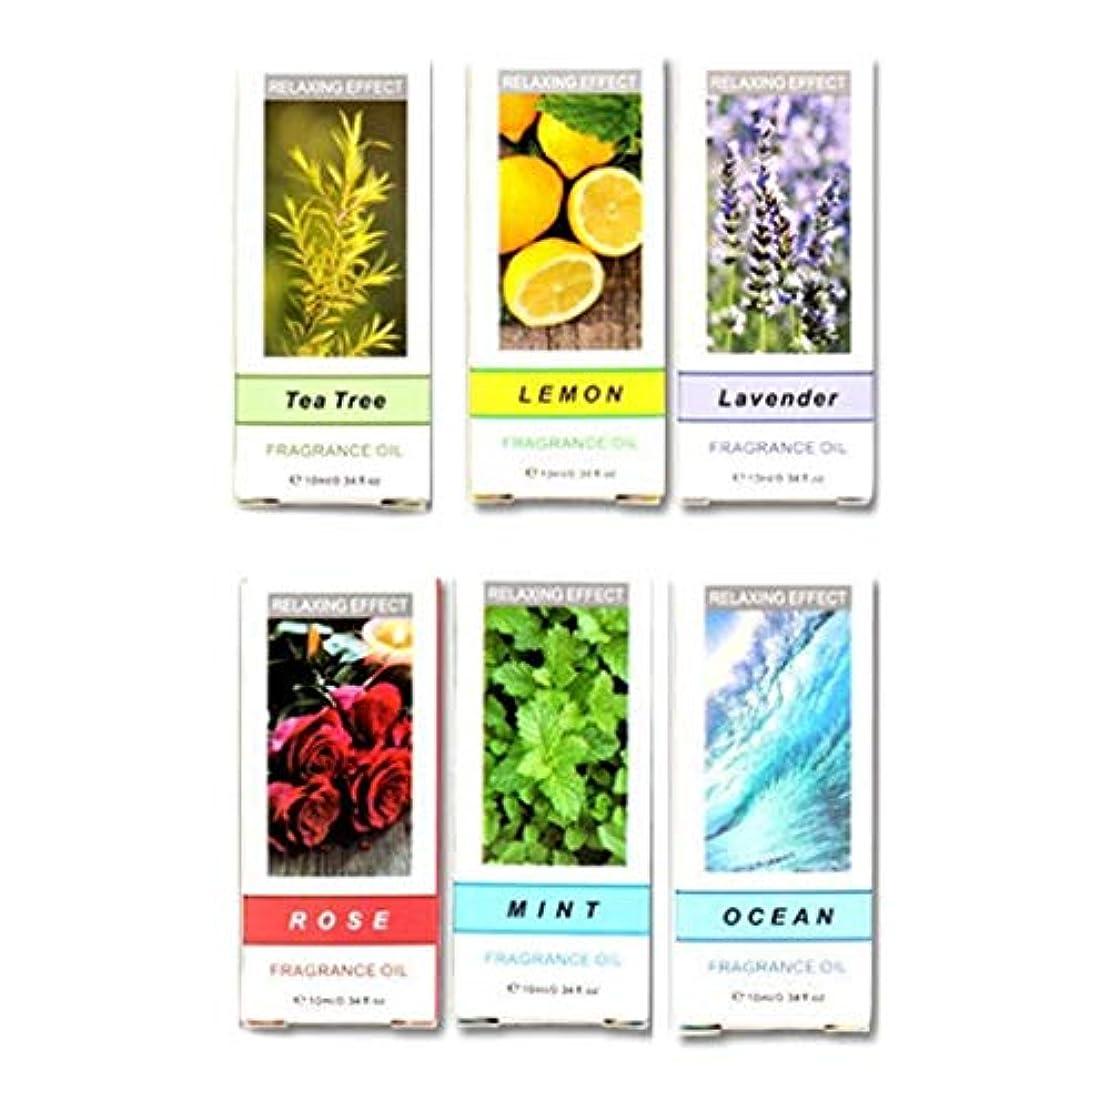 黒板シルク貢献するKOROWA エッセンシャルオイル(天然水溶性) 10ml 6本入り(レモン+ティーツリー+ローズ+ミント+ラベンダー+オーシャン) 天然100%植物性 エッセンシャルオイル アロマオイル アロマ